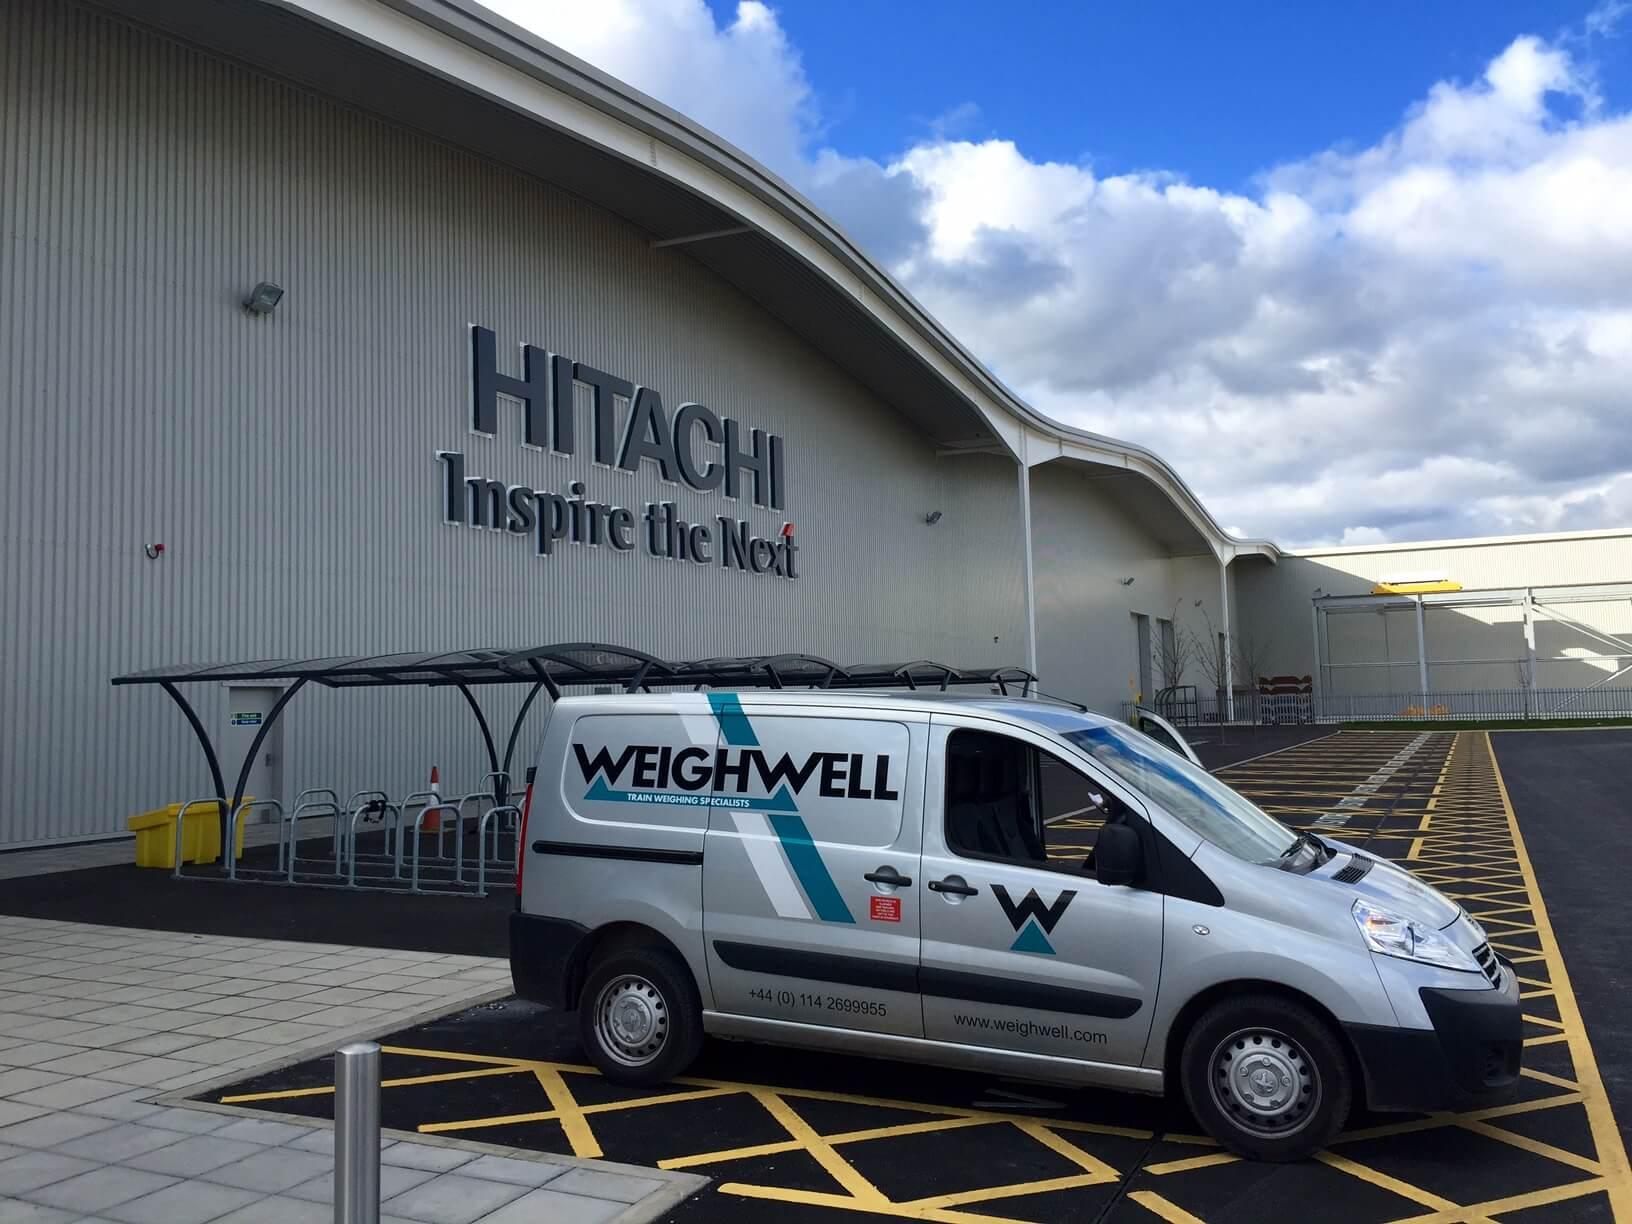 Weighwell at Hitachi